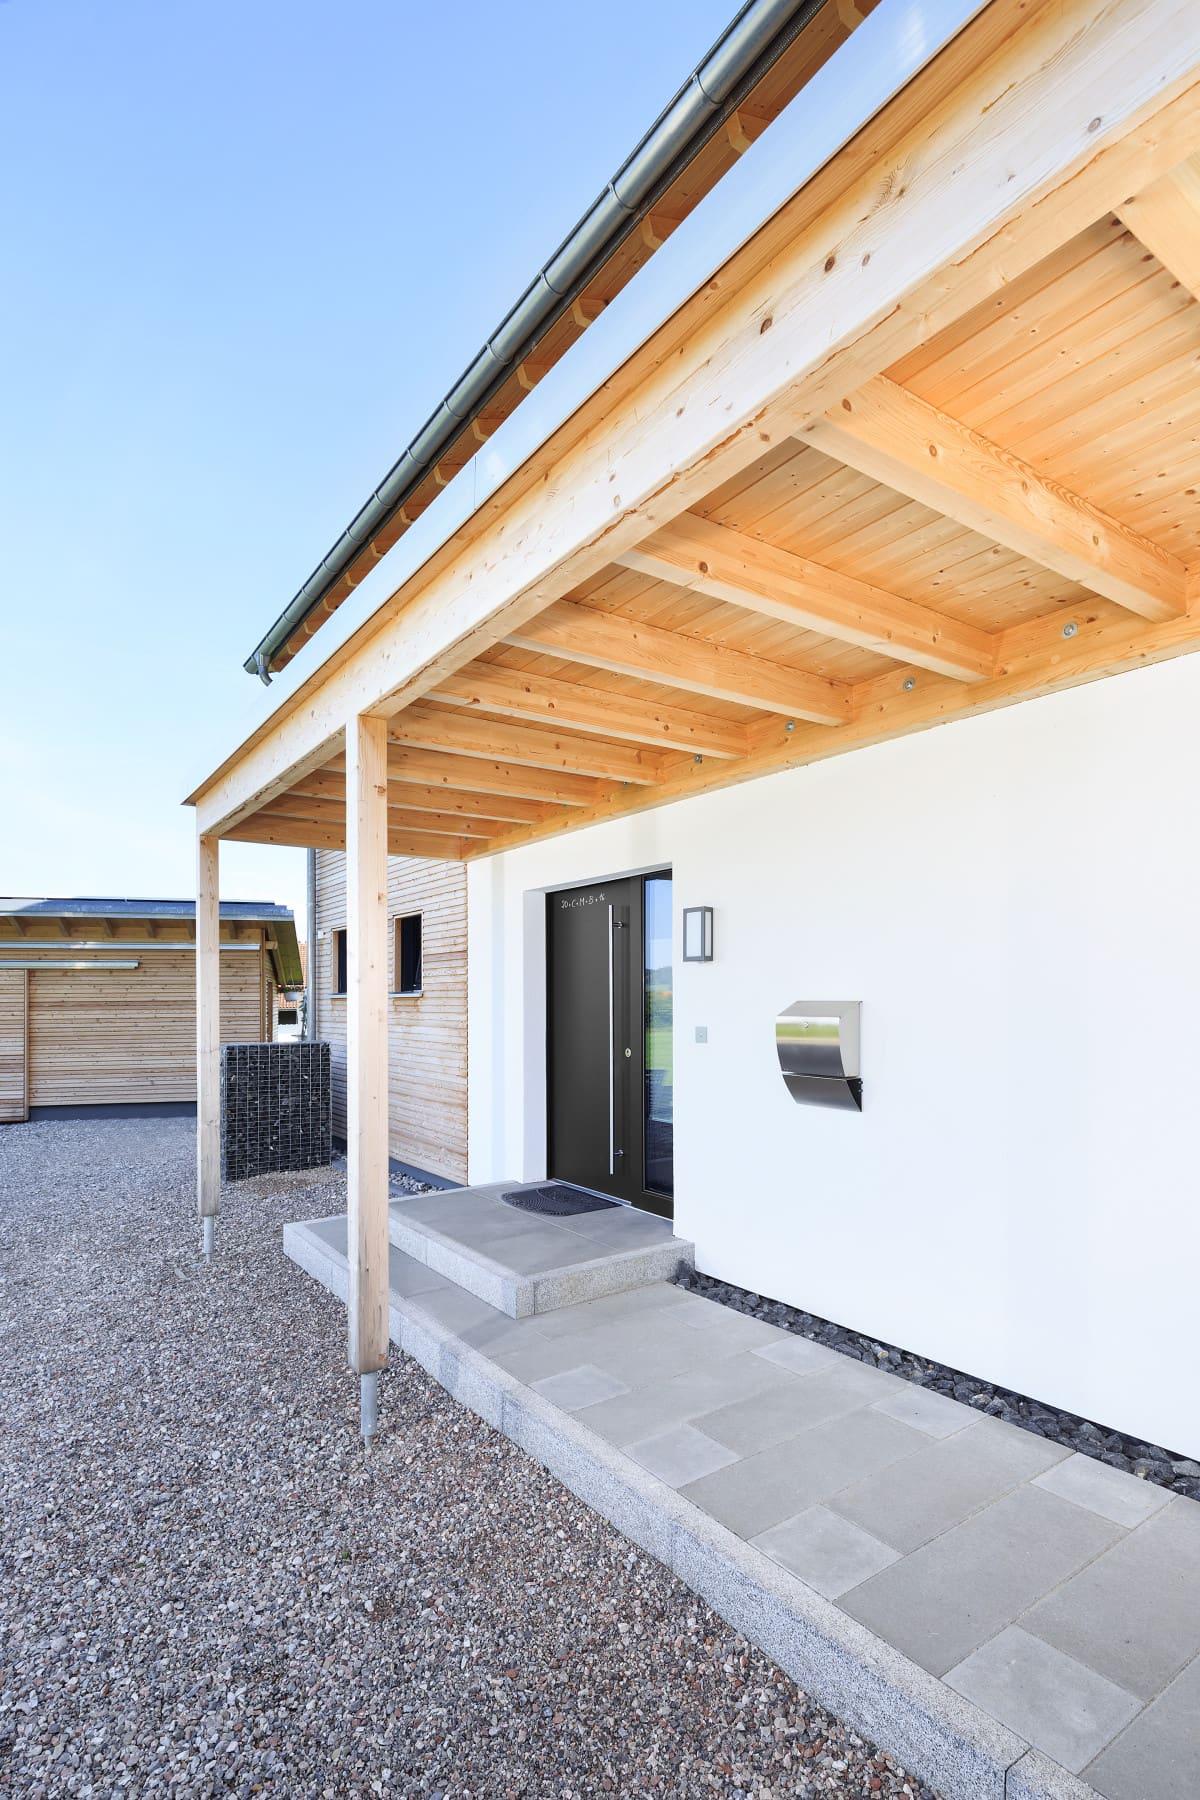 Hauseingang mit Vordach - Architektur Detail Haus Design Ideen Fertighaus Ökohaus Schneider / Baufritz - HausbauDirekt.de